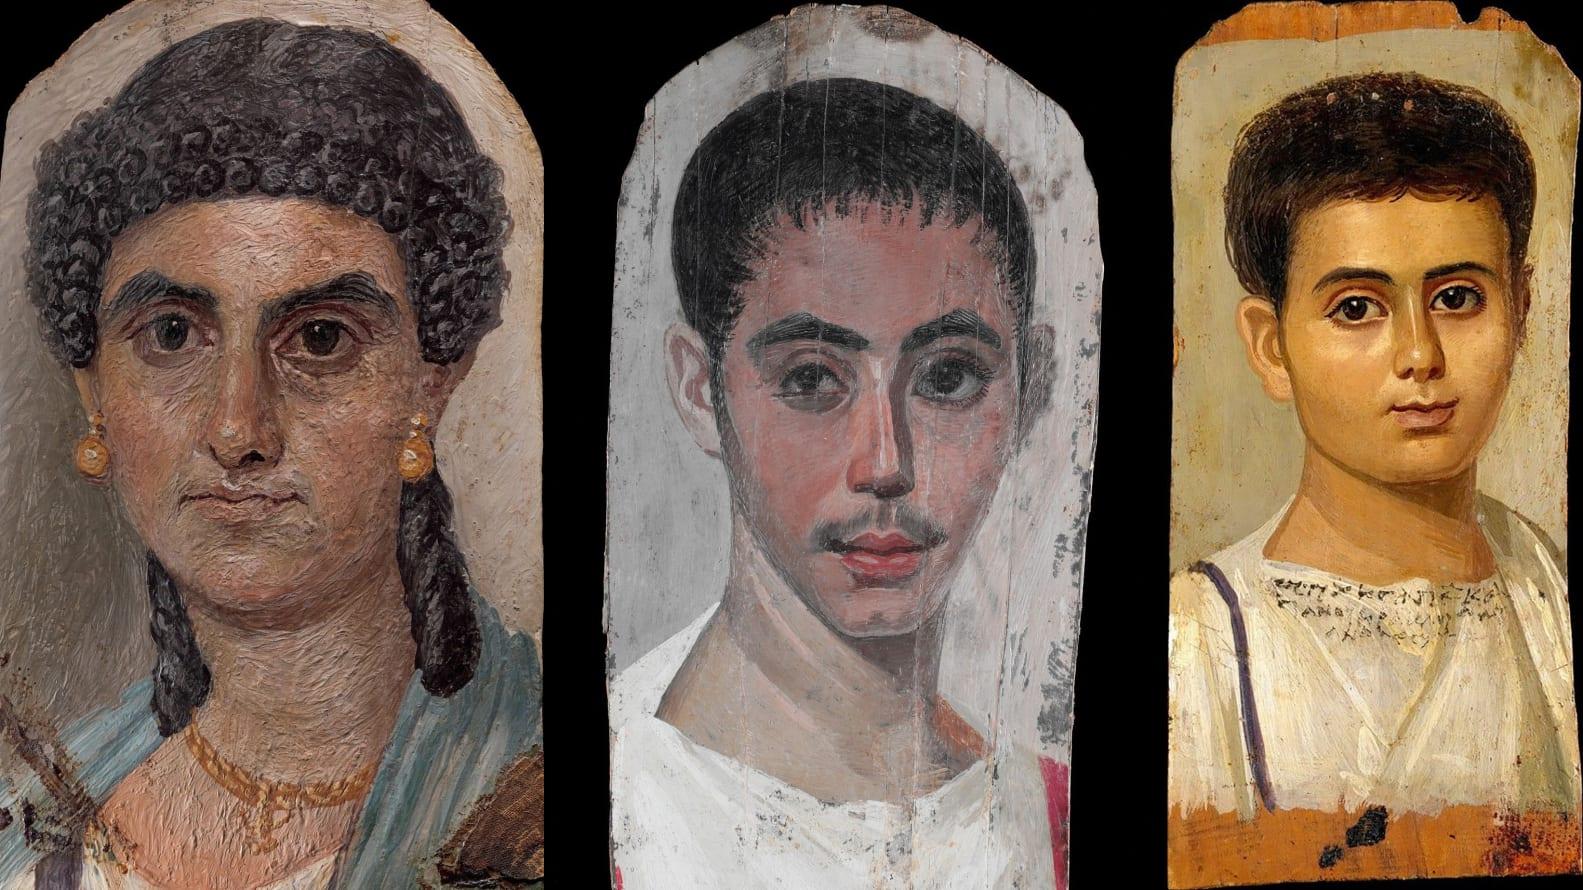 مقدمة حول بورتريهات الفيوم القصة الكاملة وراء لوحات مومياوات الفيوم